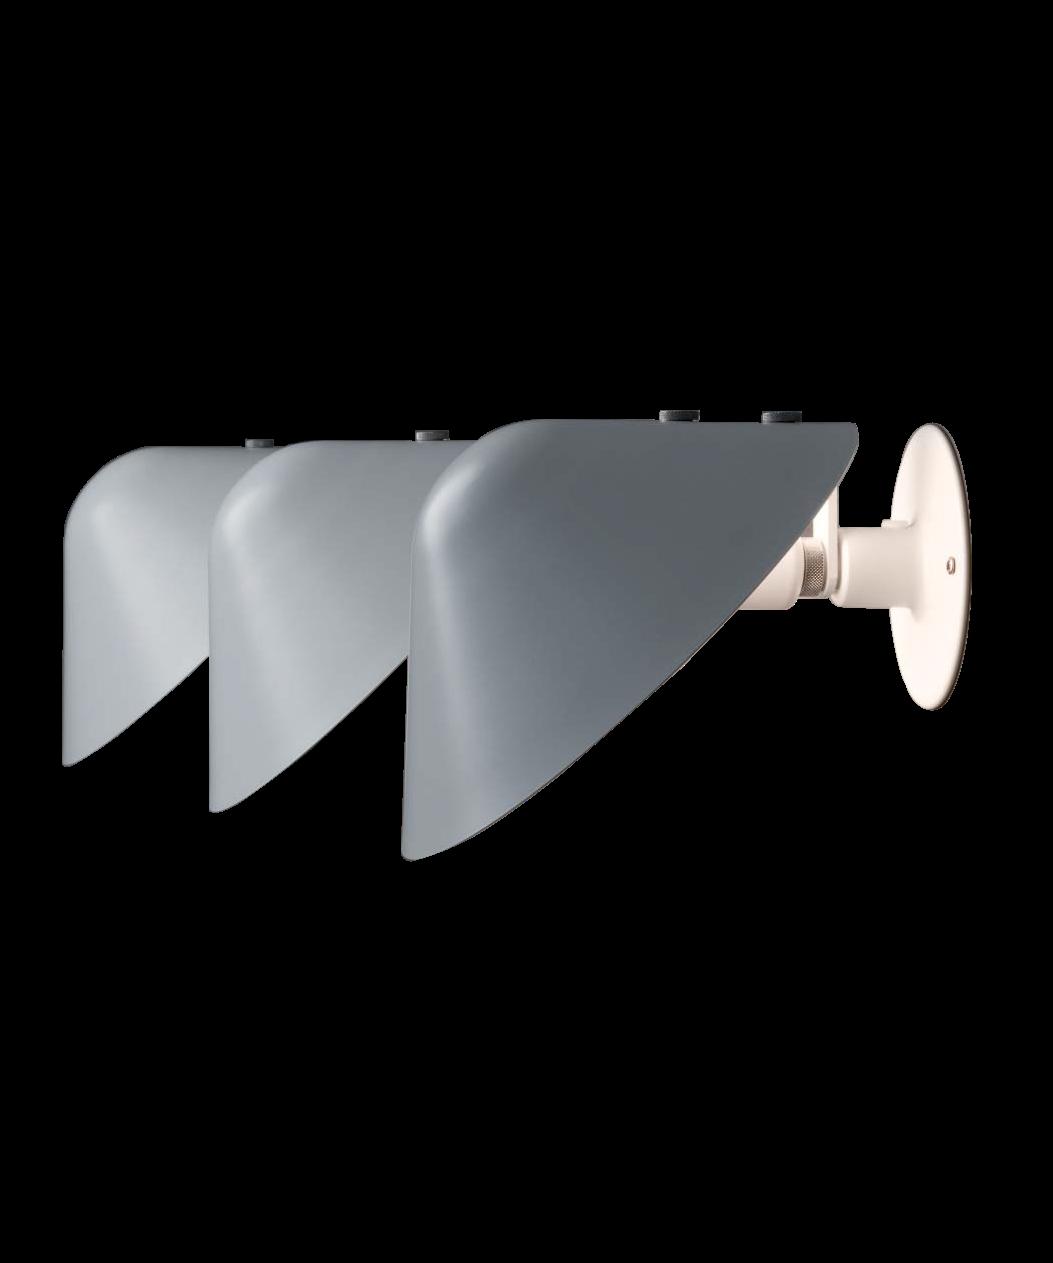 Mini vip væglampe v025 - pandul fra Pandul på lampemesteren.dk